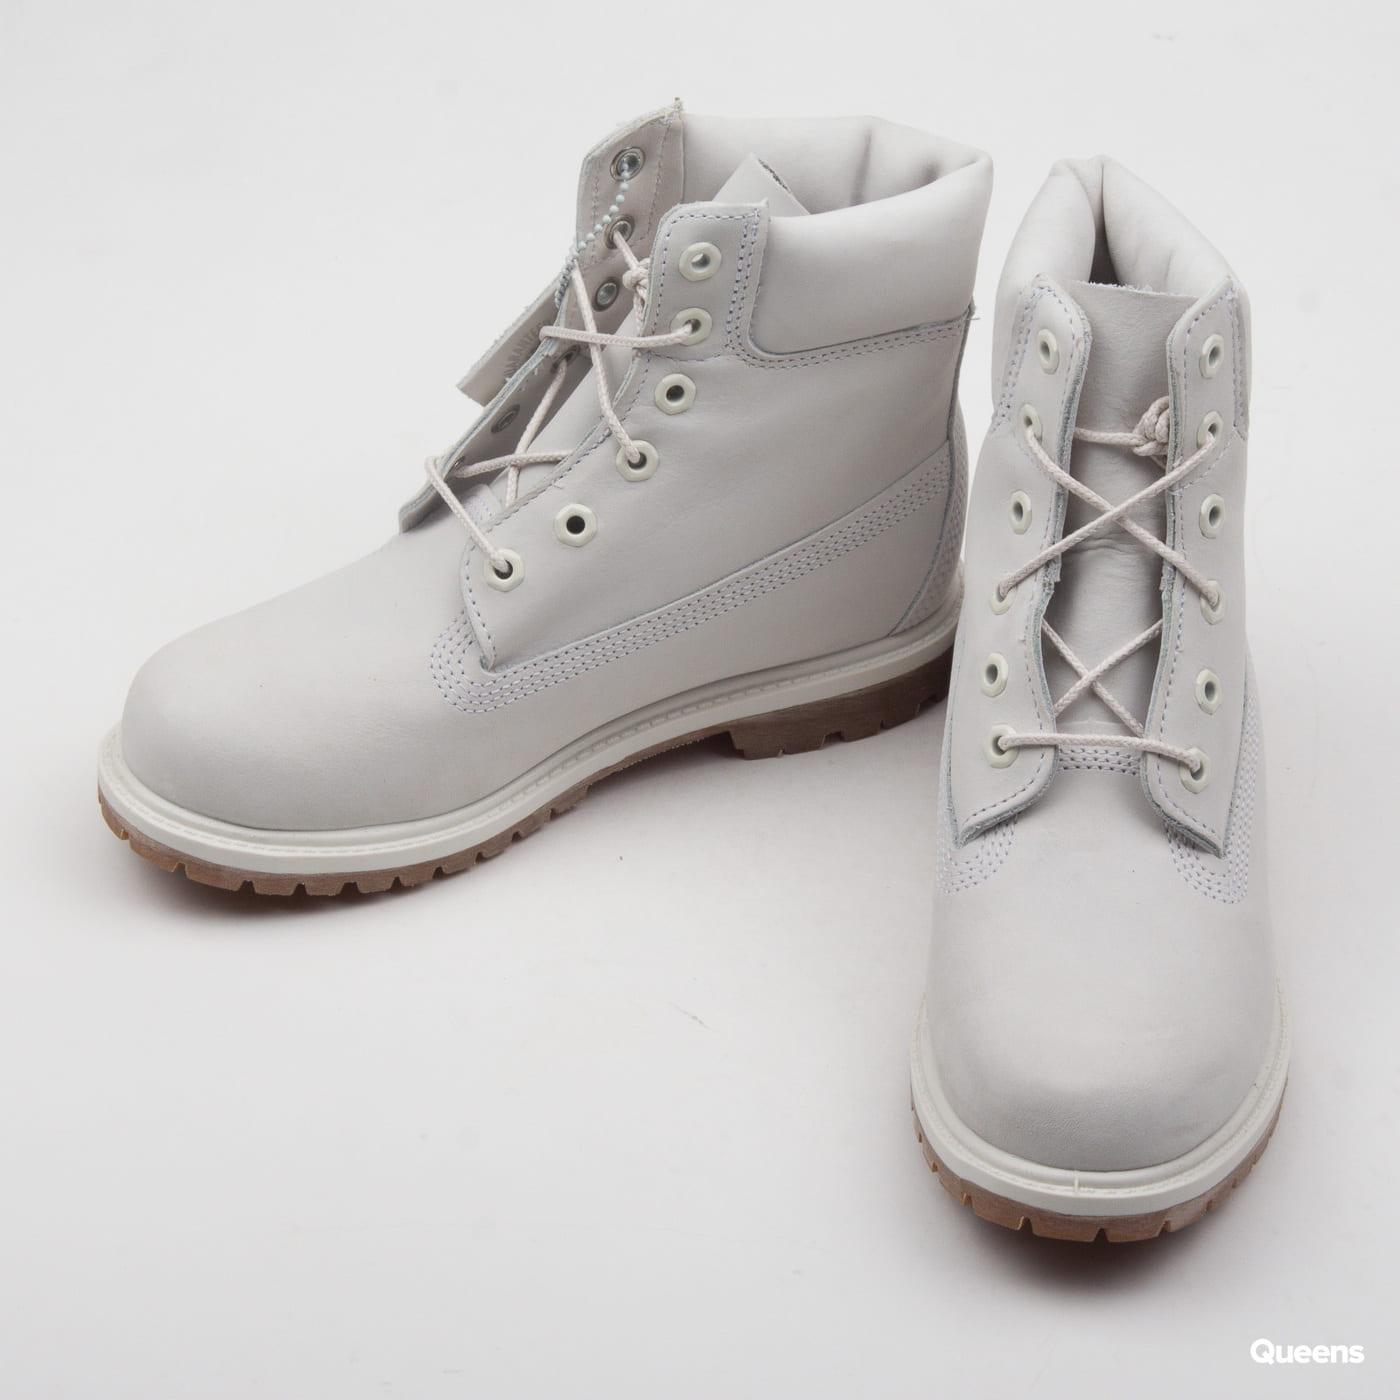 Timberland 6in Premium Boot - W waporous grey waterbuck monochromatic